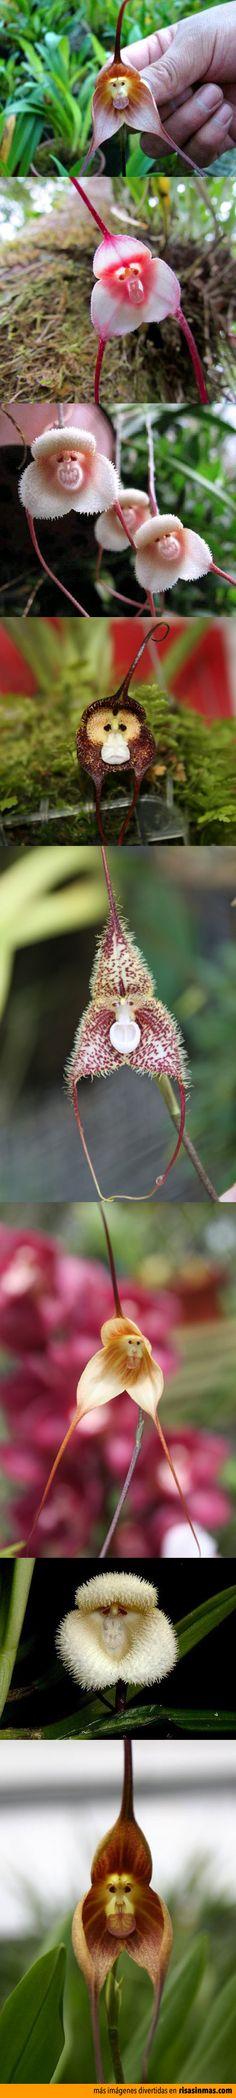 Increíbles orquídeas con cara de mono.